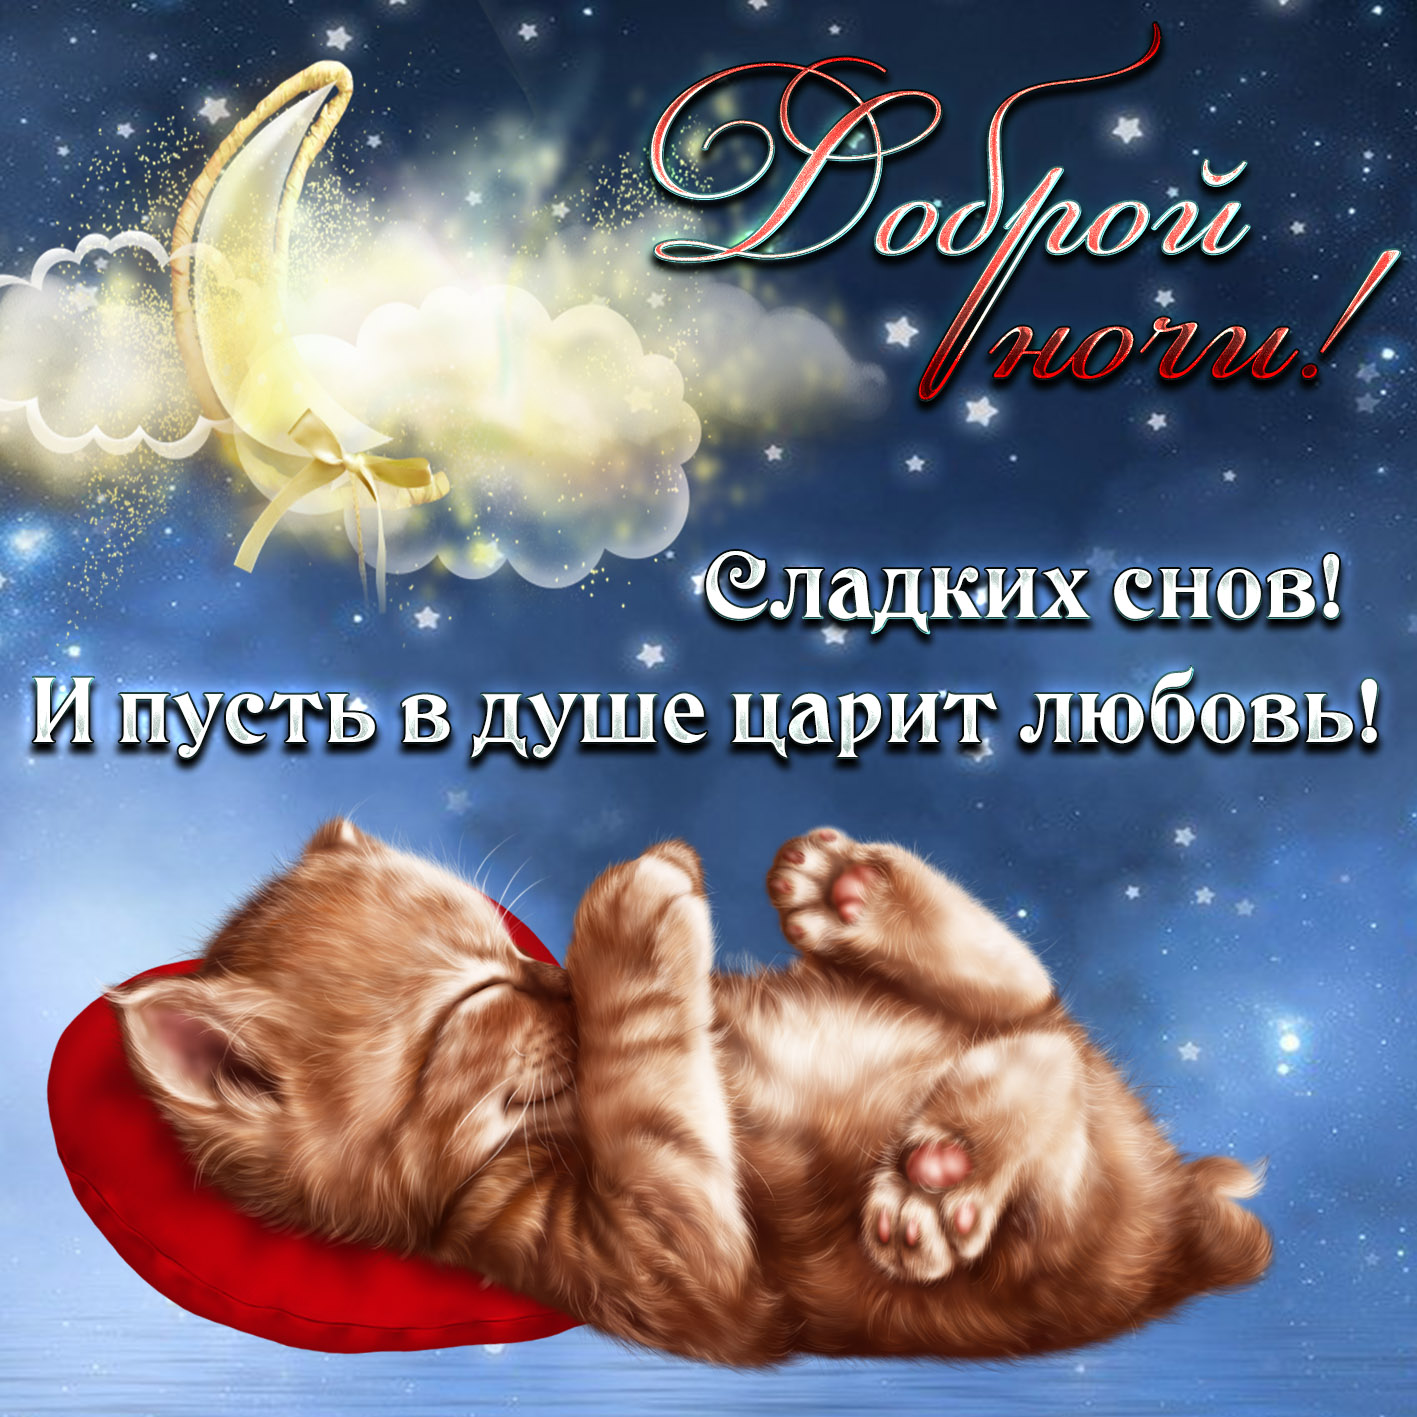 Открытка - милый котёнок желает спокойной ночи